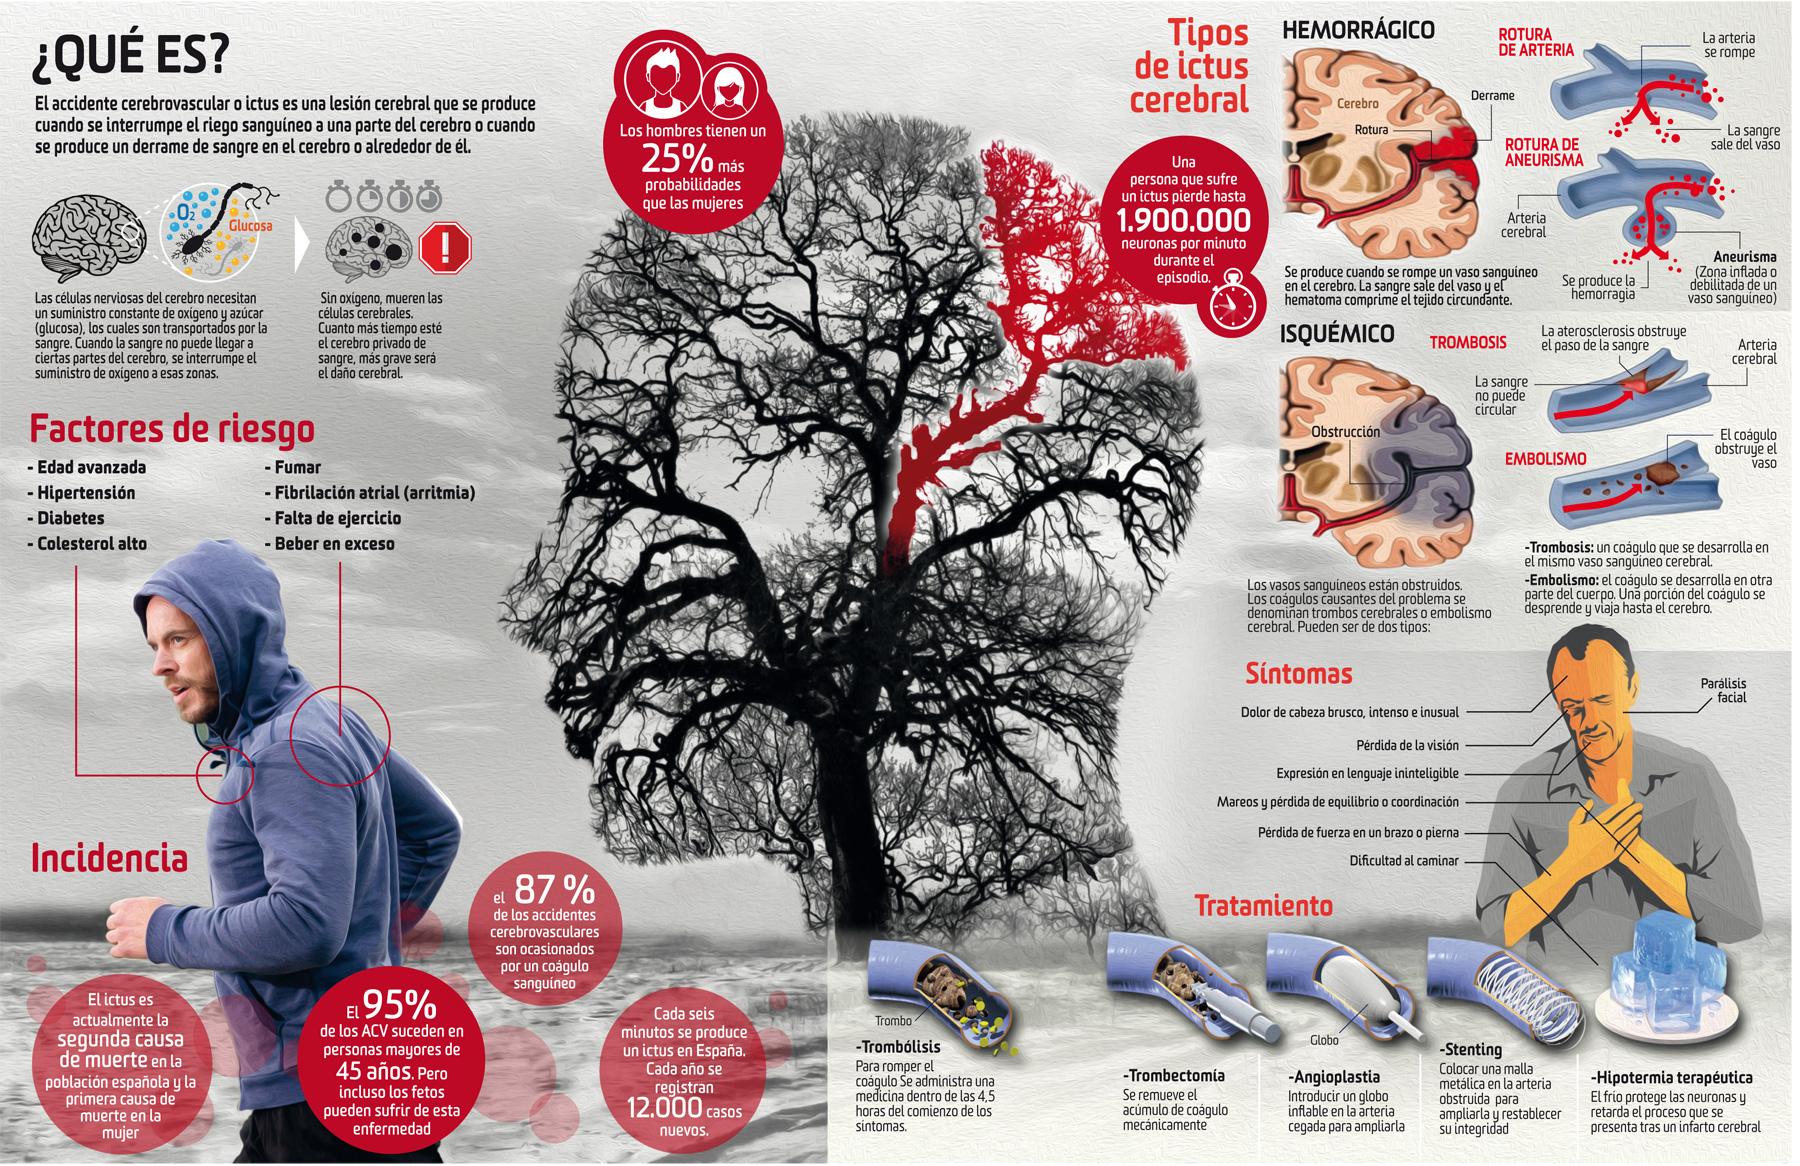 Así funciona un ictus cerebral: síntomas, causas y tratamiento